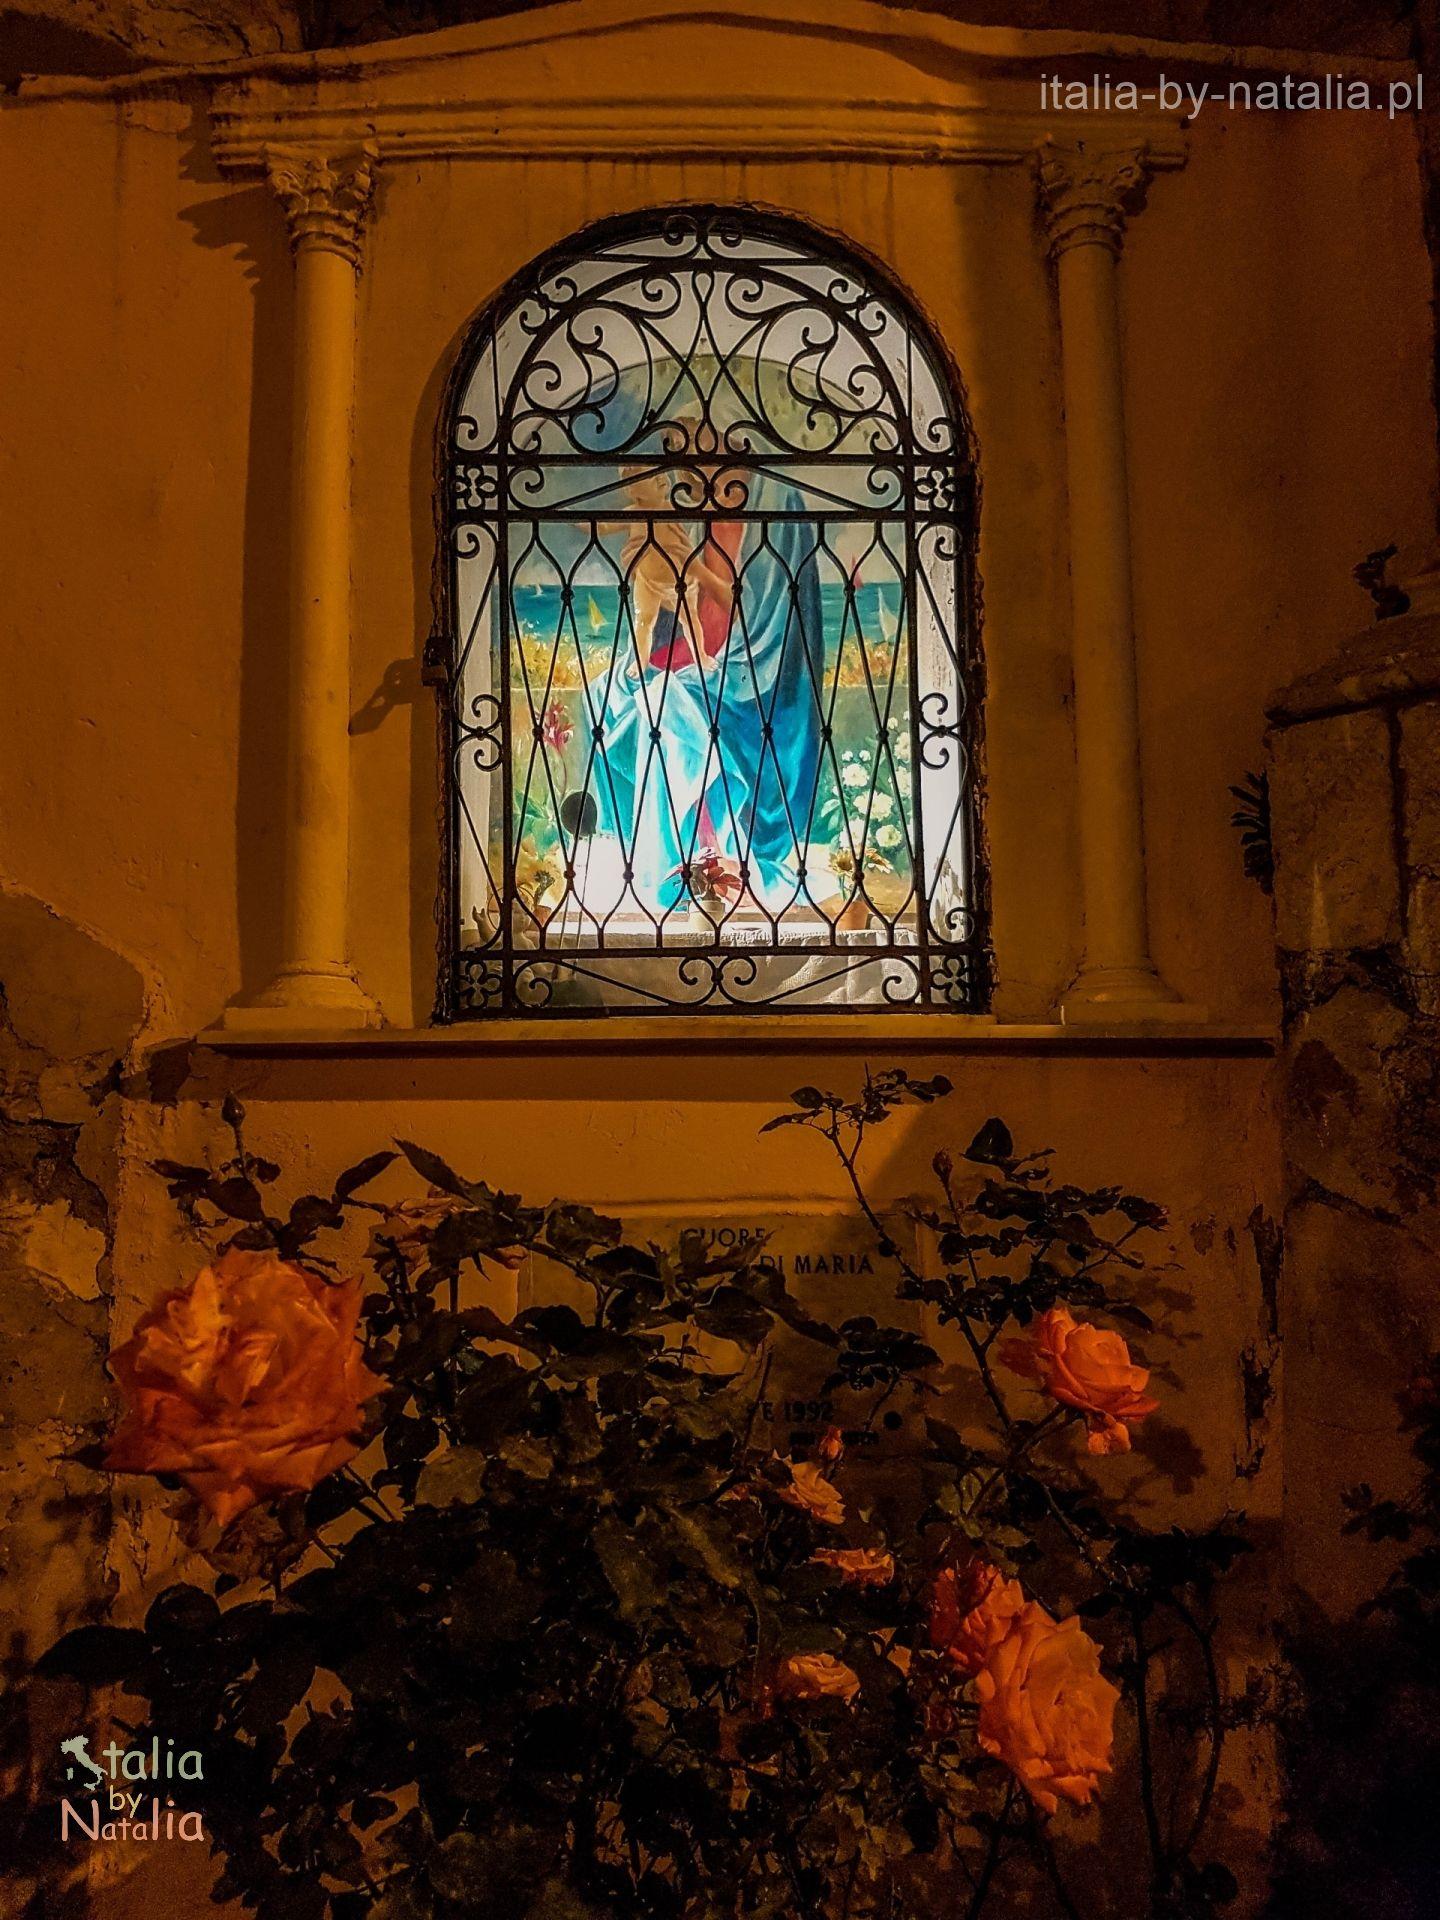 jak zwiedzać palermo kapliczka kalsa